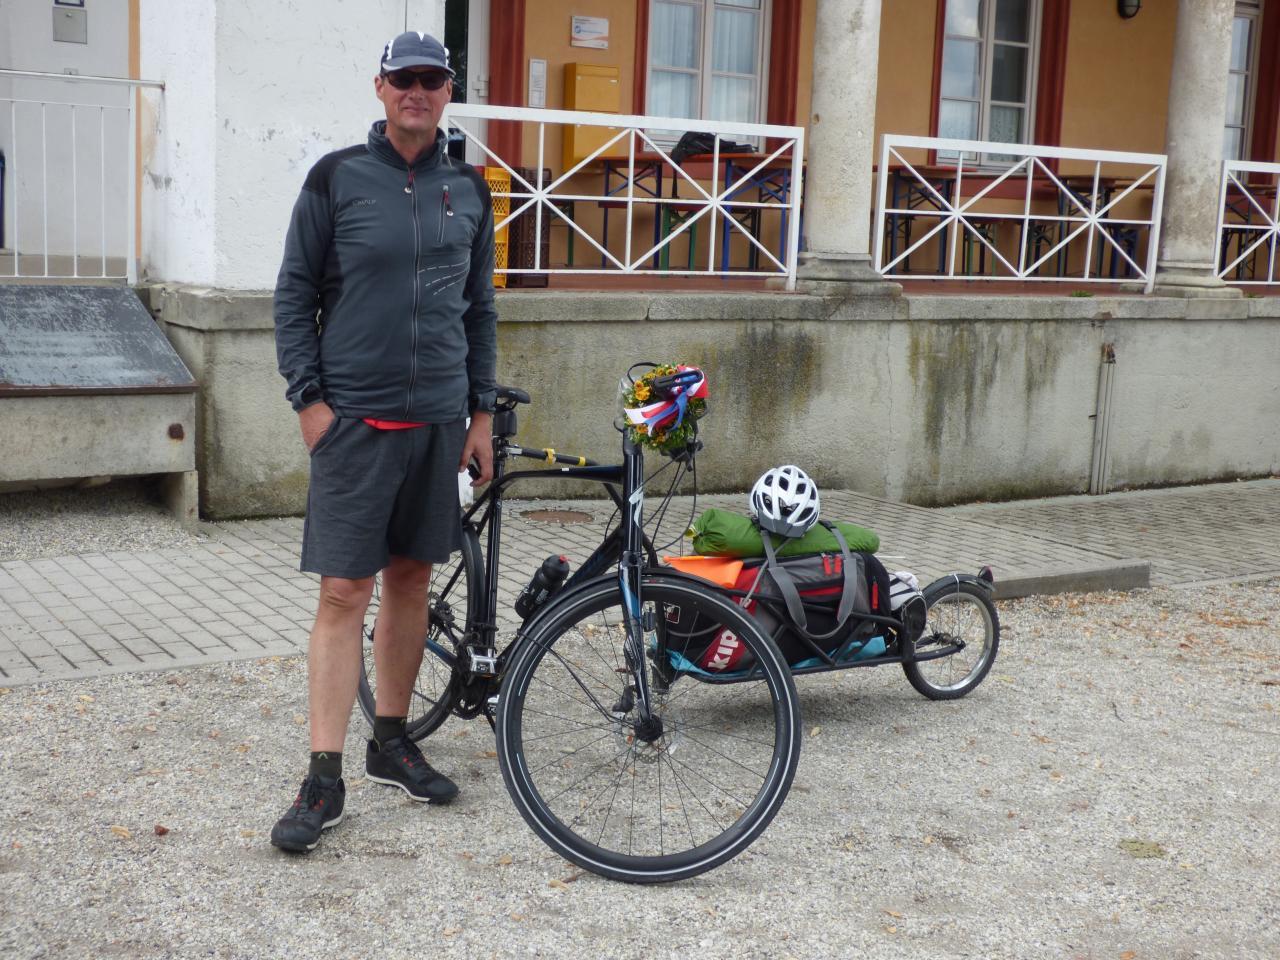 Patrice, son vélo et sa remorque à l'auberge de jeunesse à Landshut après 1200km